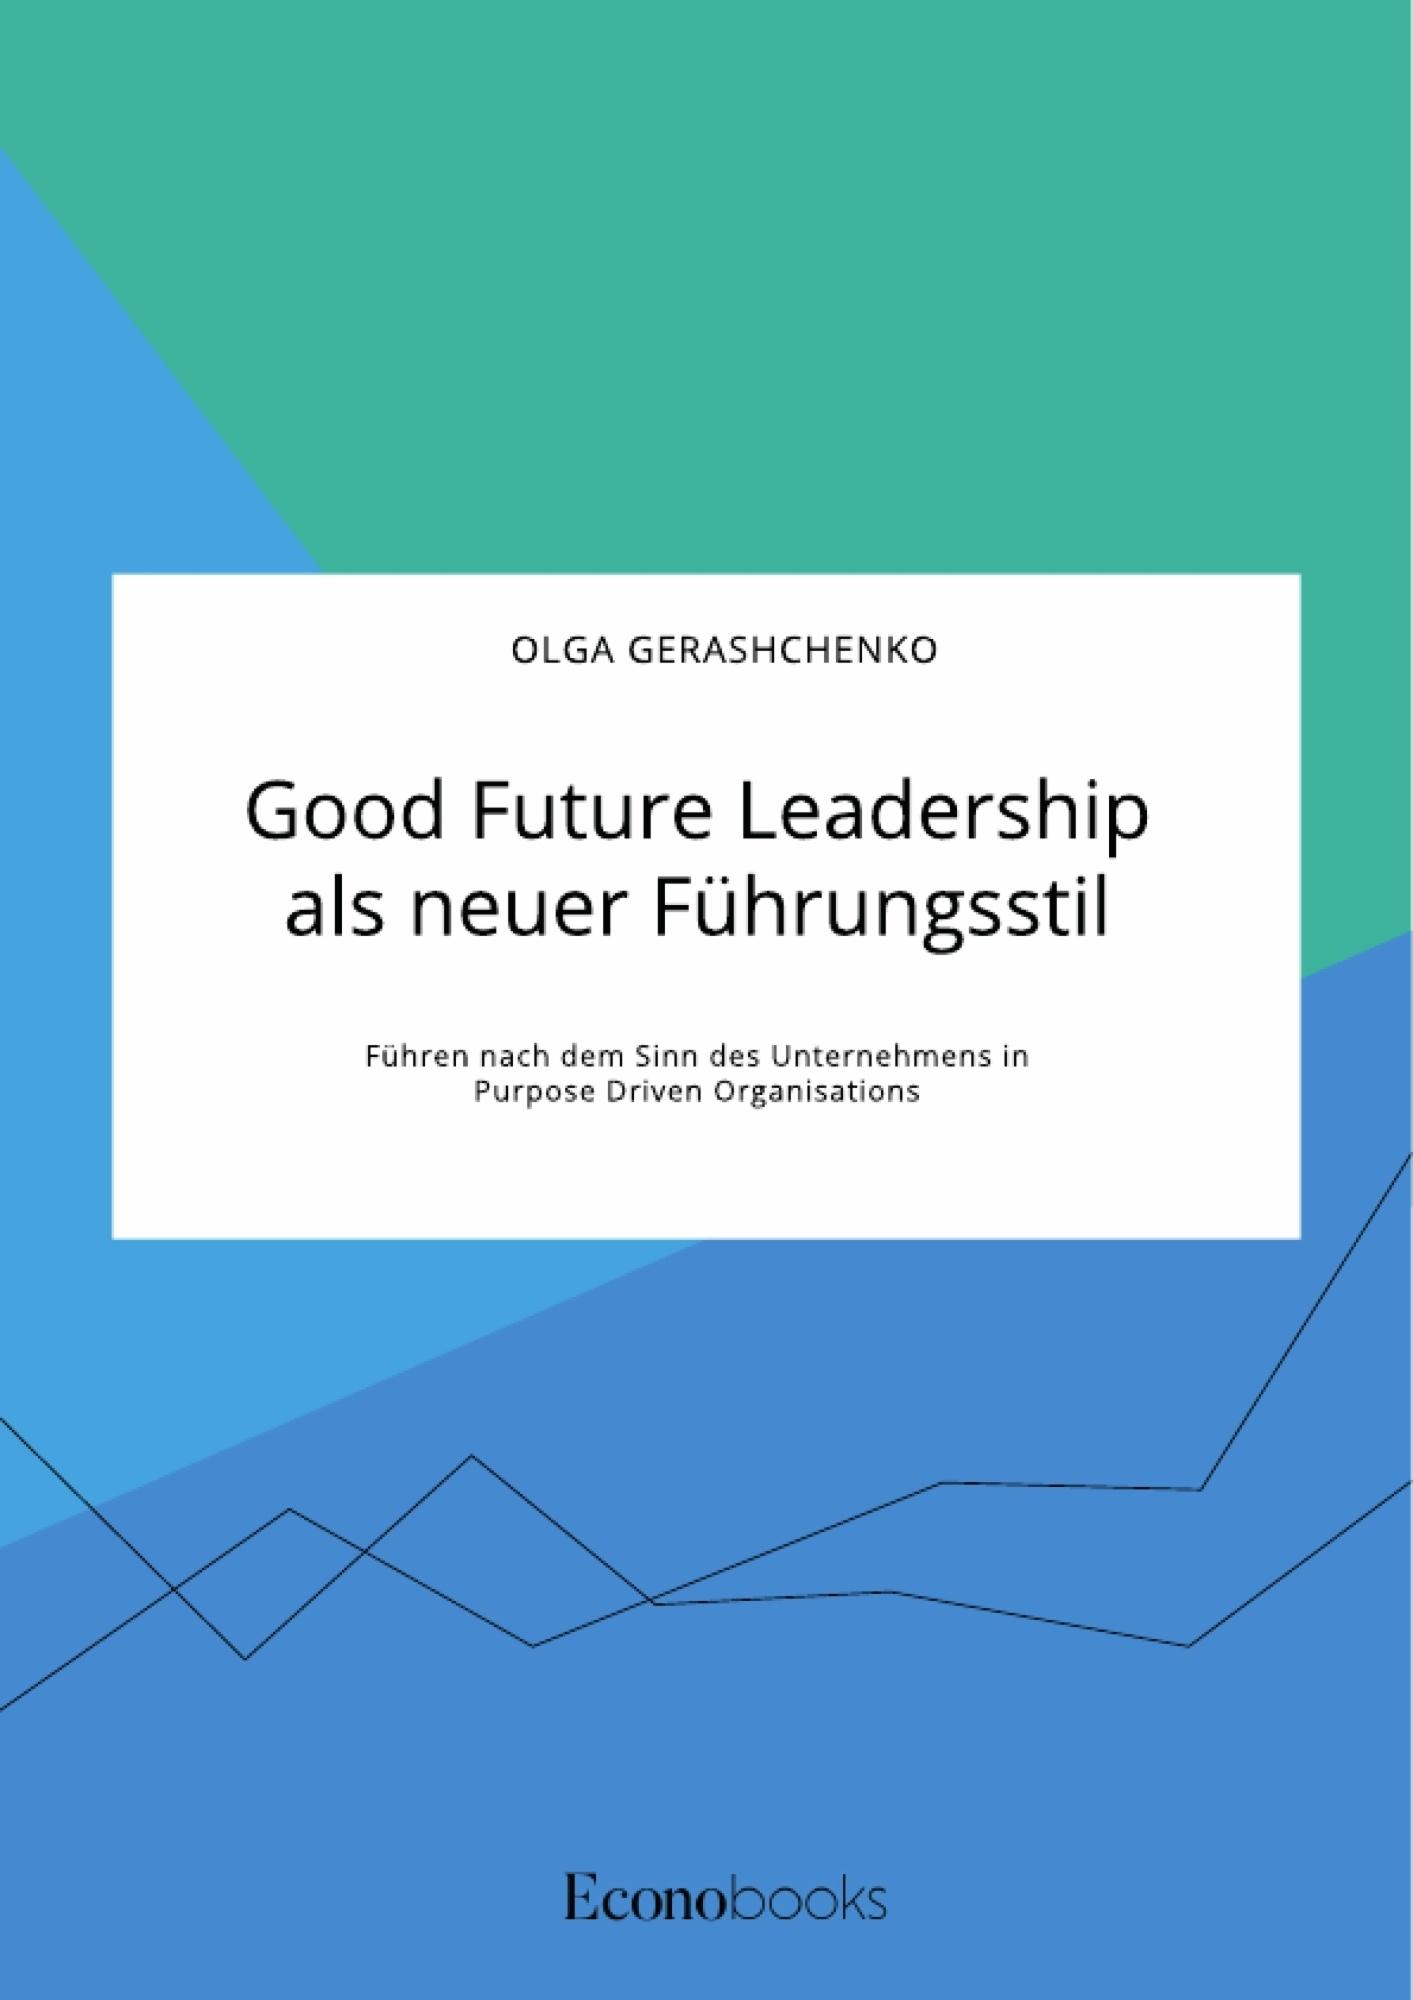 Titel: Good Future Leadership als neuer Führungsstil. Führen nach dem Sinn des Unternehmens in Purpose Driven Organisations